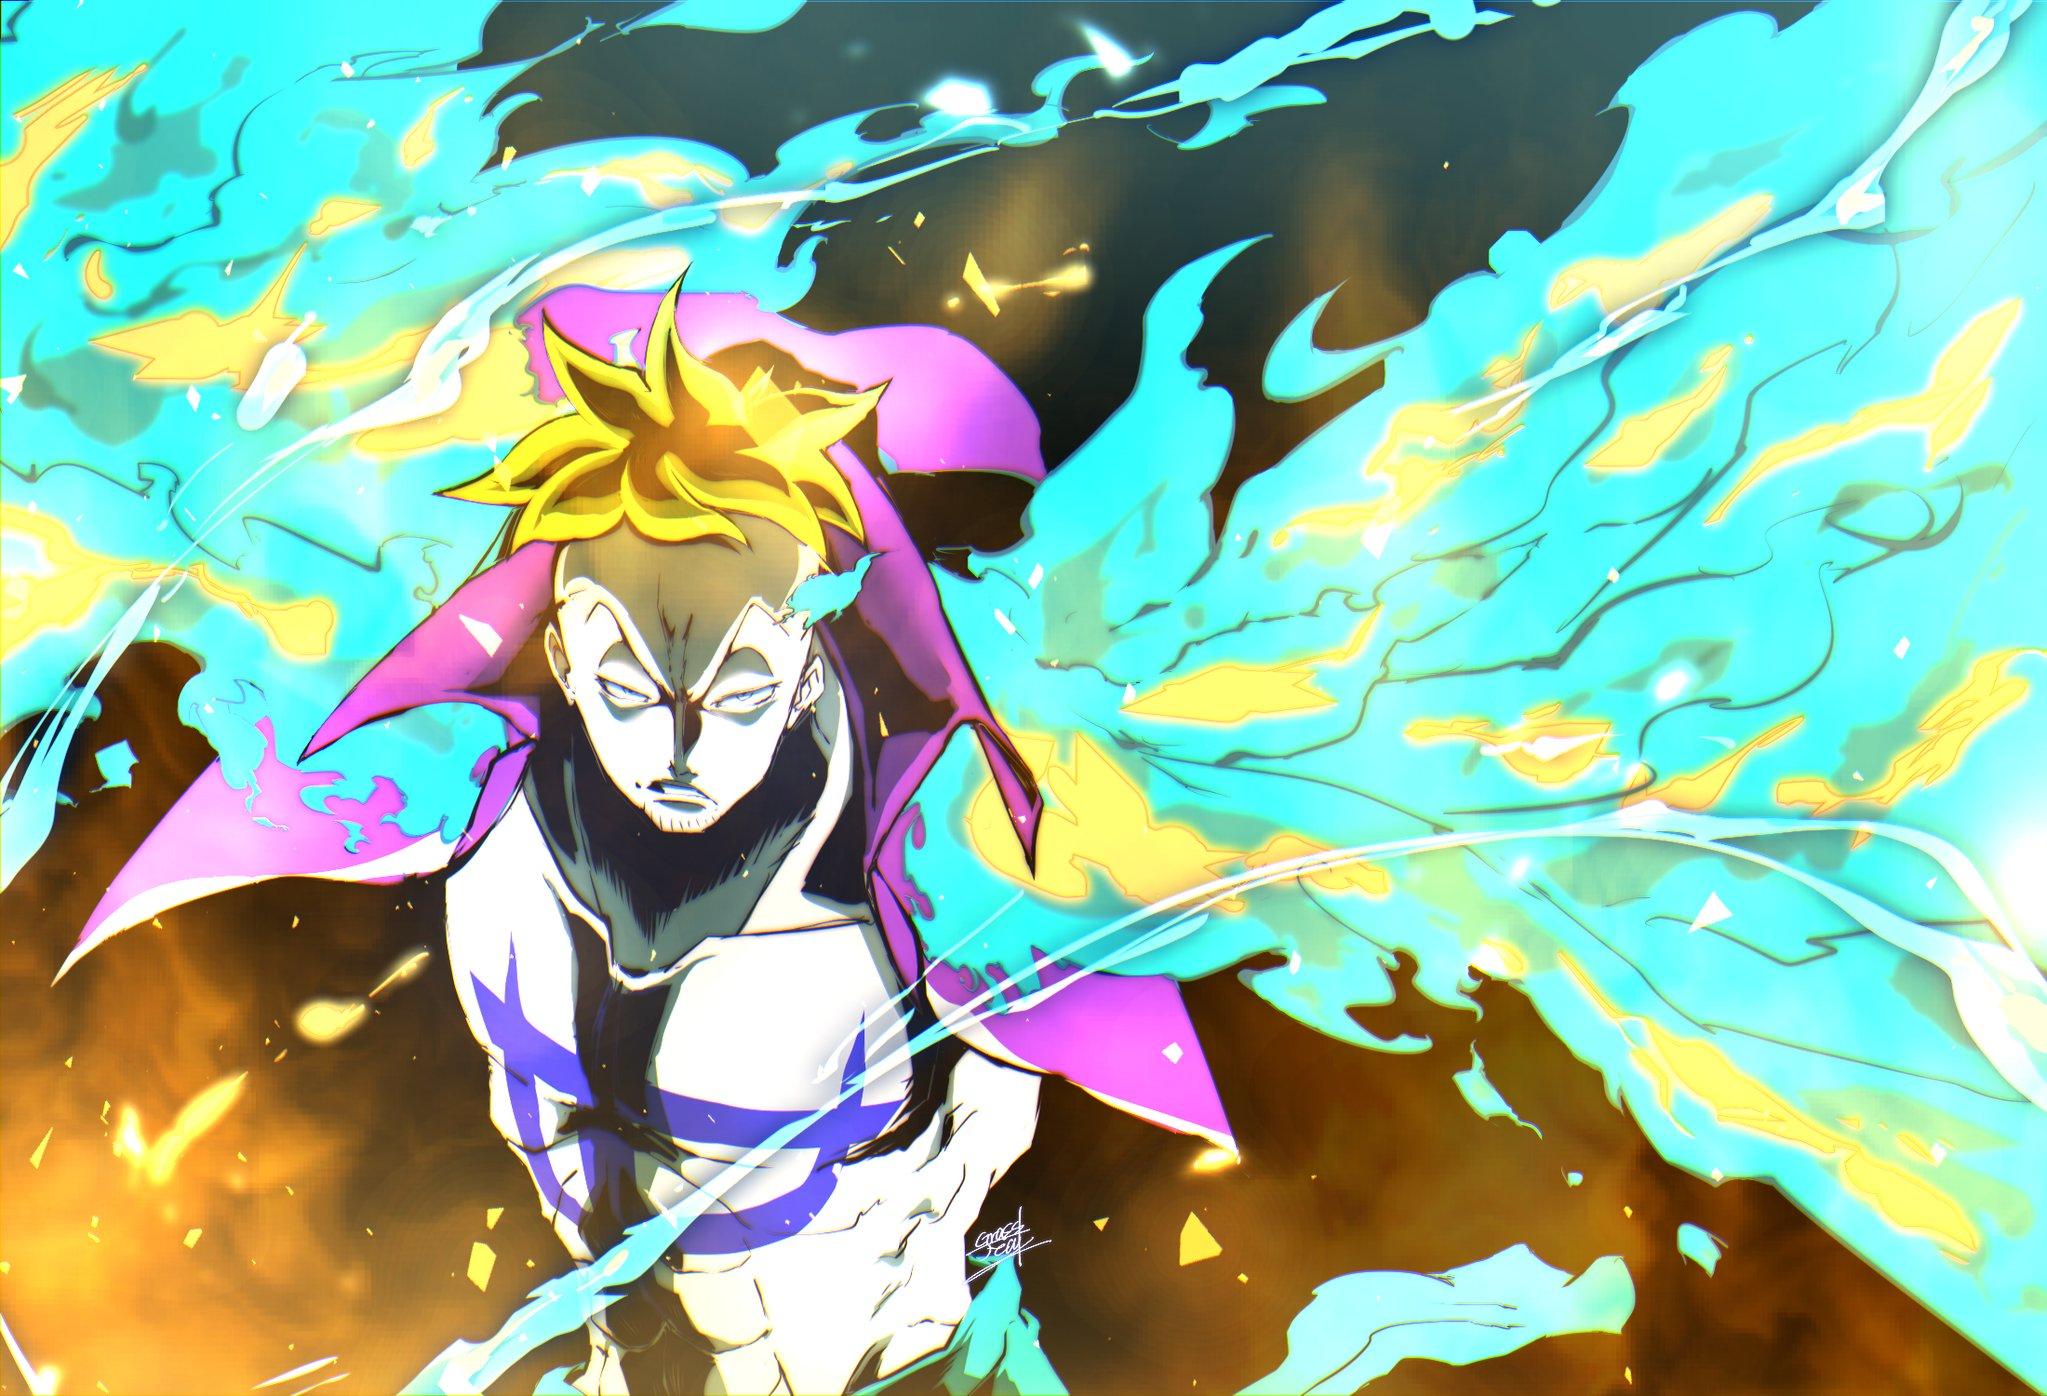 """One Piece: Dù Phượng hoàng Marco rất mạnh nhưng fan lo sợ anh cũng sẽ """"bị dìm"""" vì mái tóc màu vàng?"""